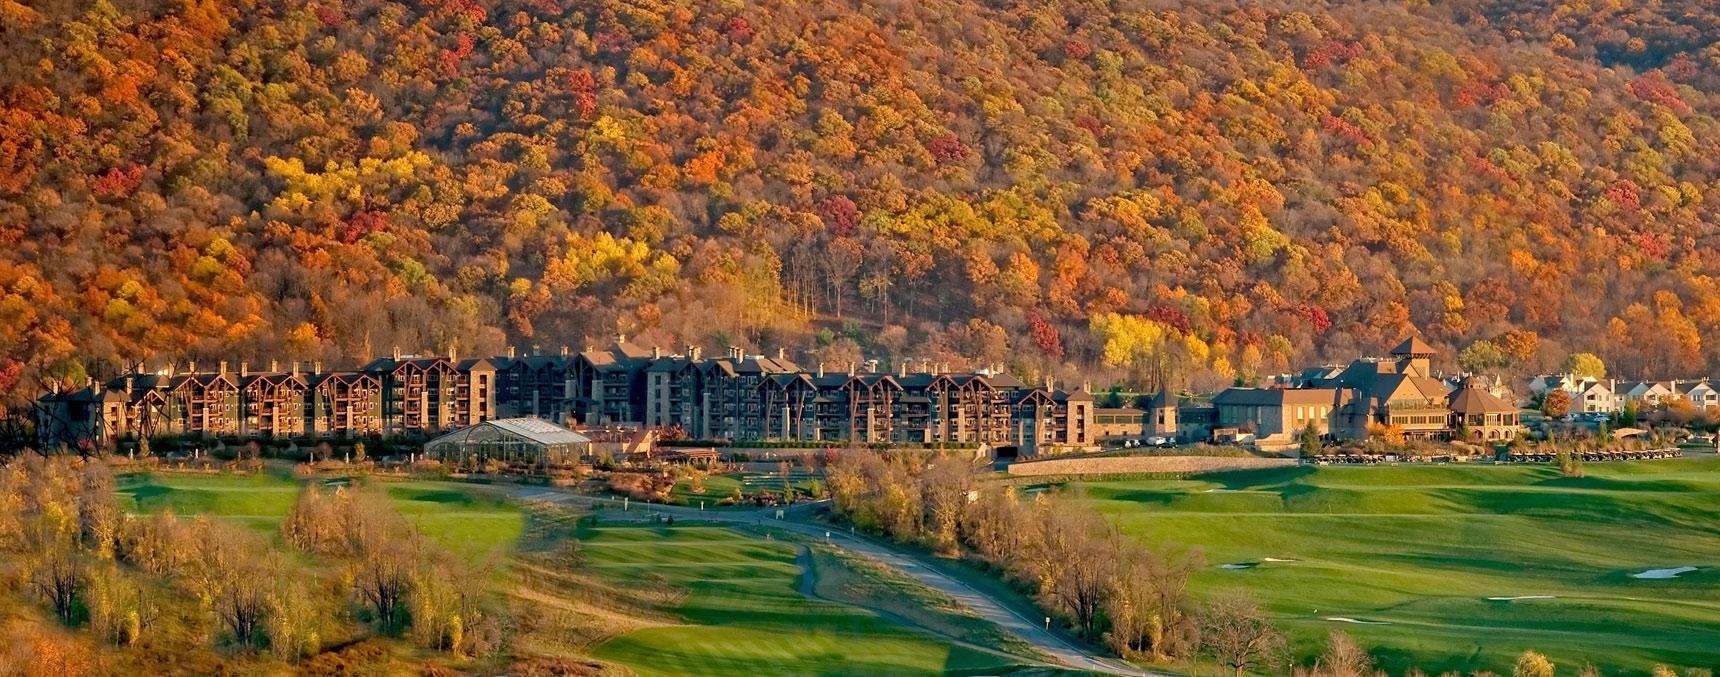 Leaf Peeping Season at Crystal Springs Resort